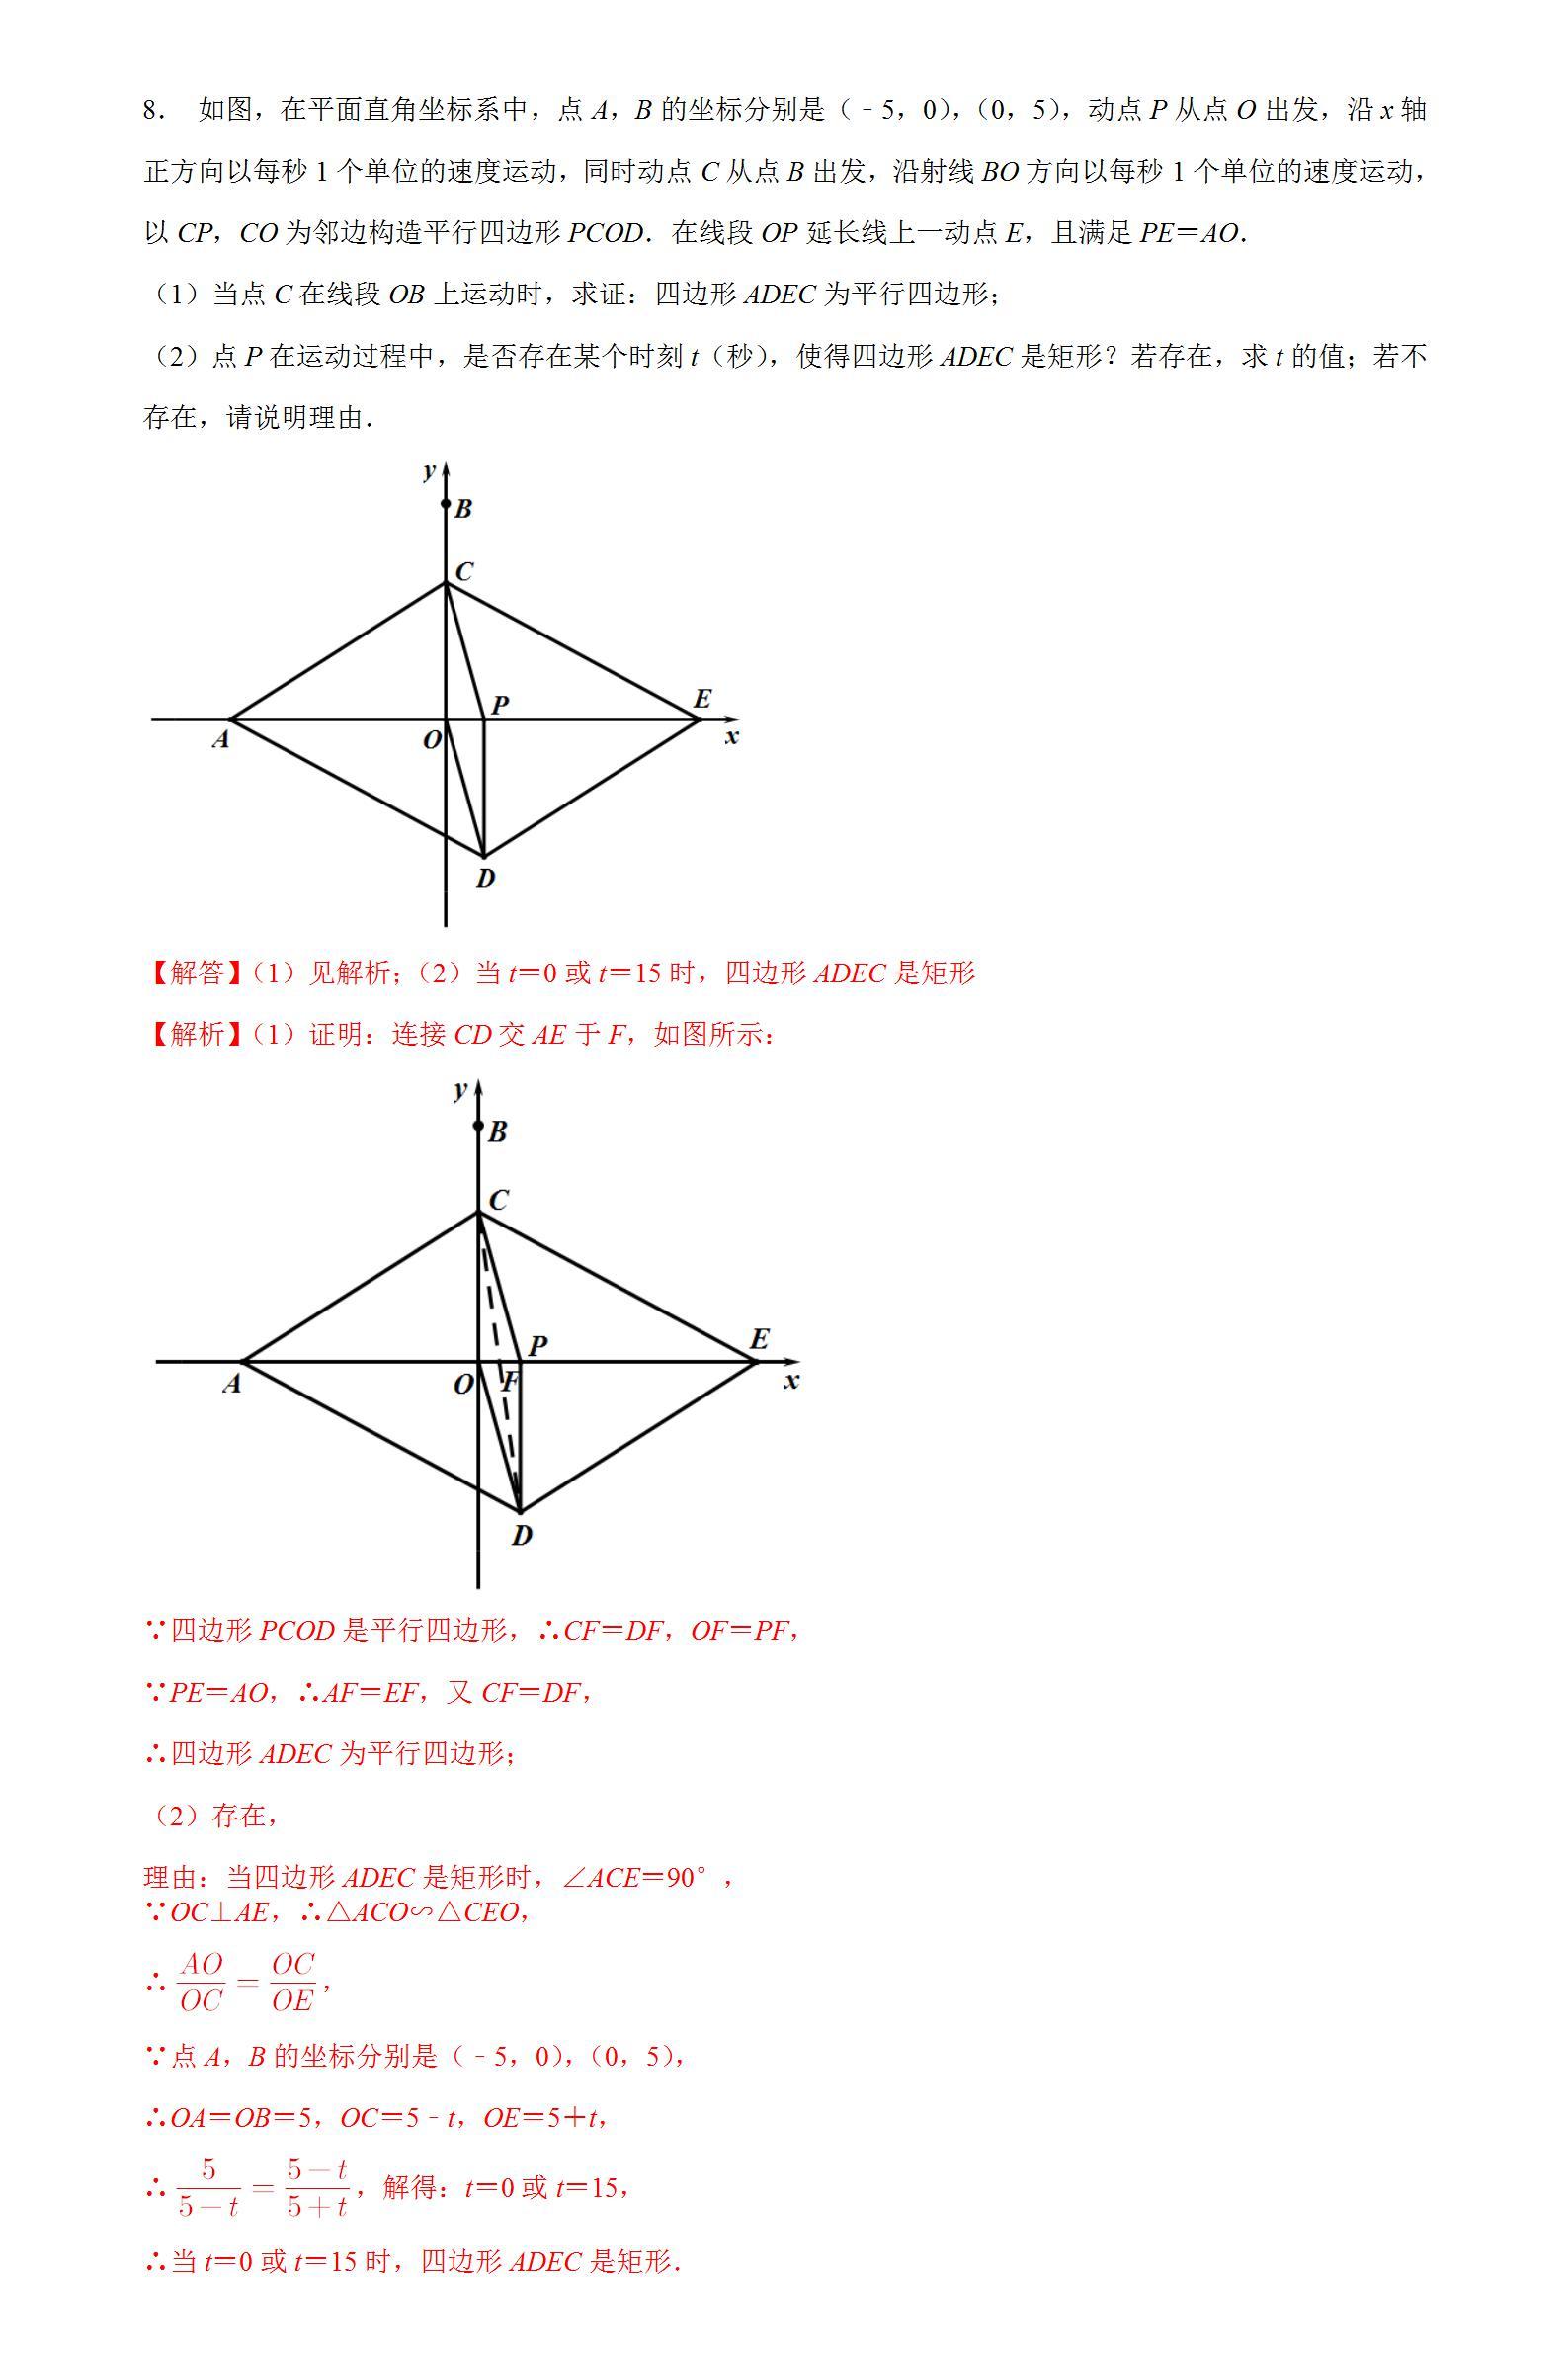 2020年初三数学矩形存在性问题巩固练习(基础)试题及答案(八)